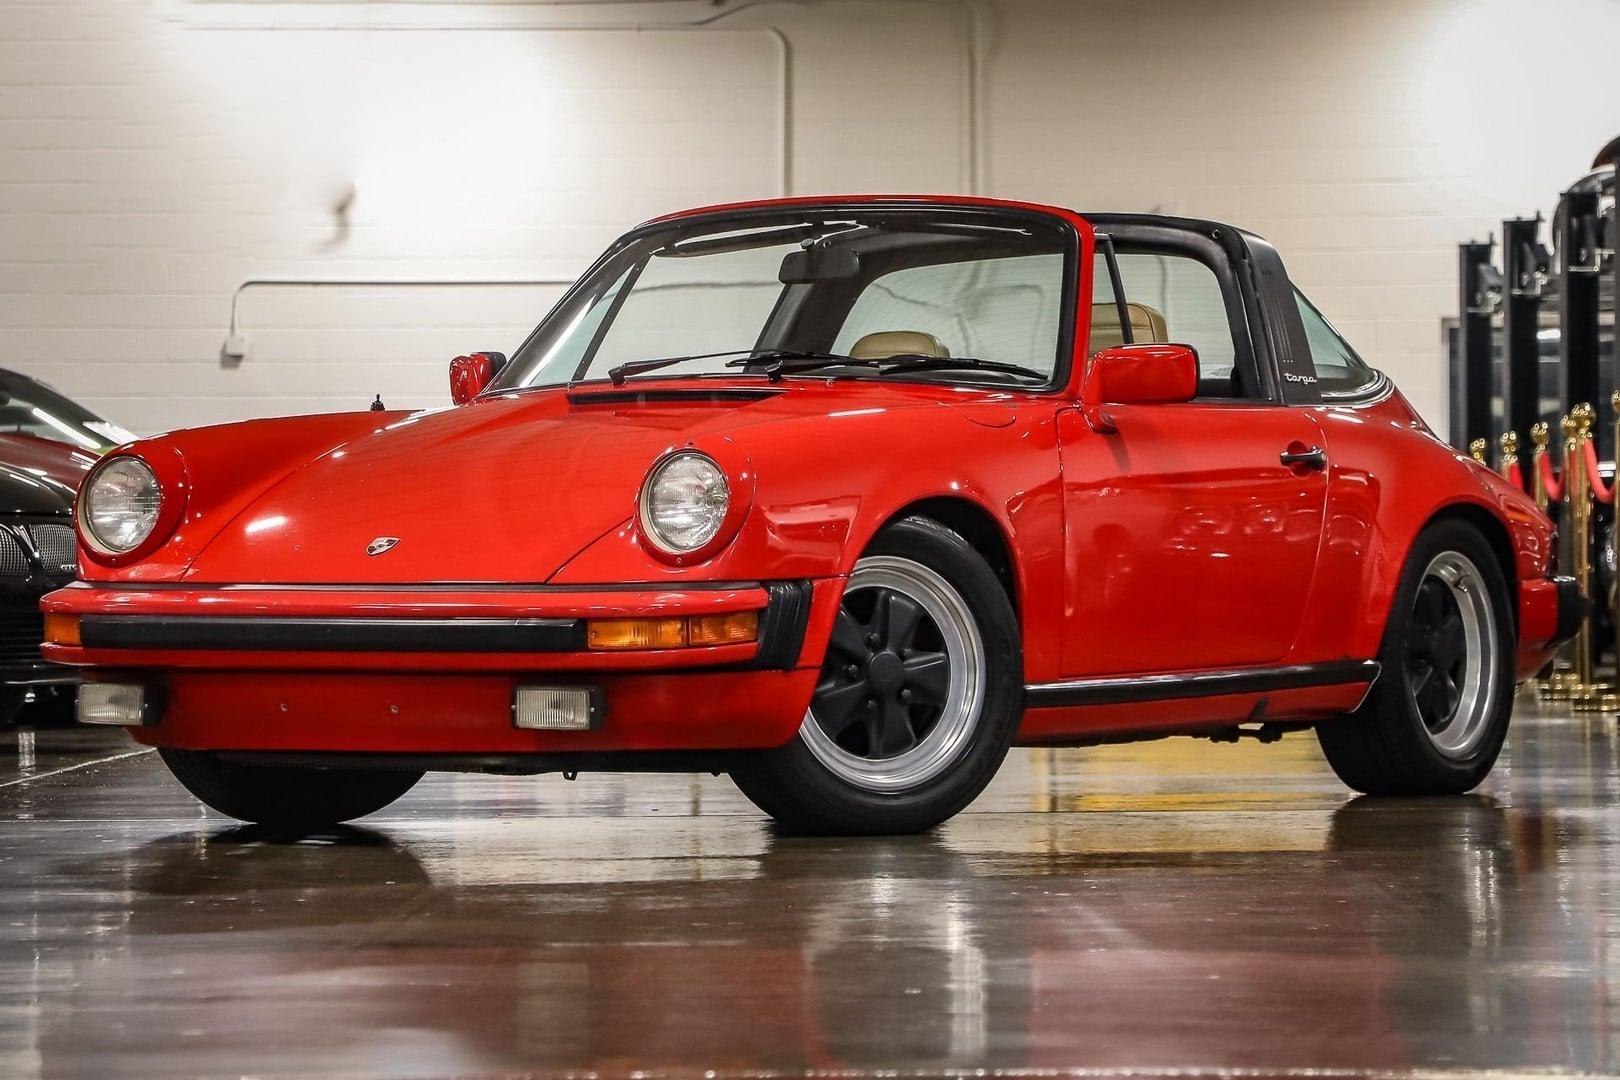 Porsche 911 SC Targa à vendre European Vintage Cars.